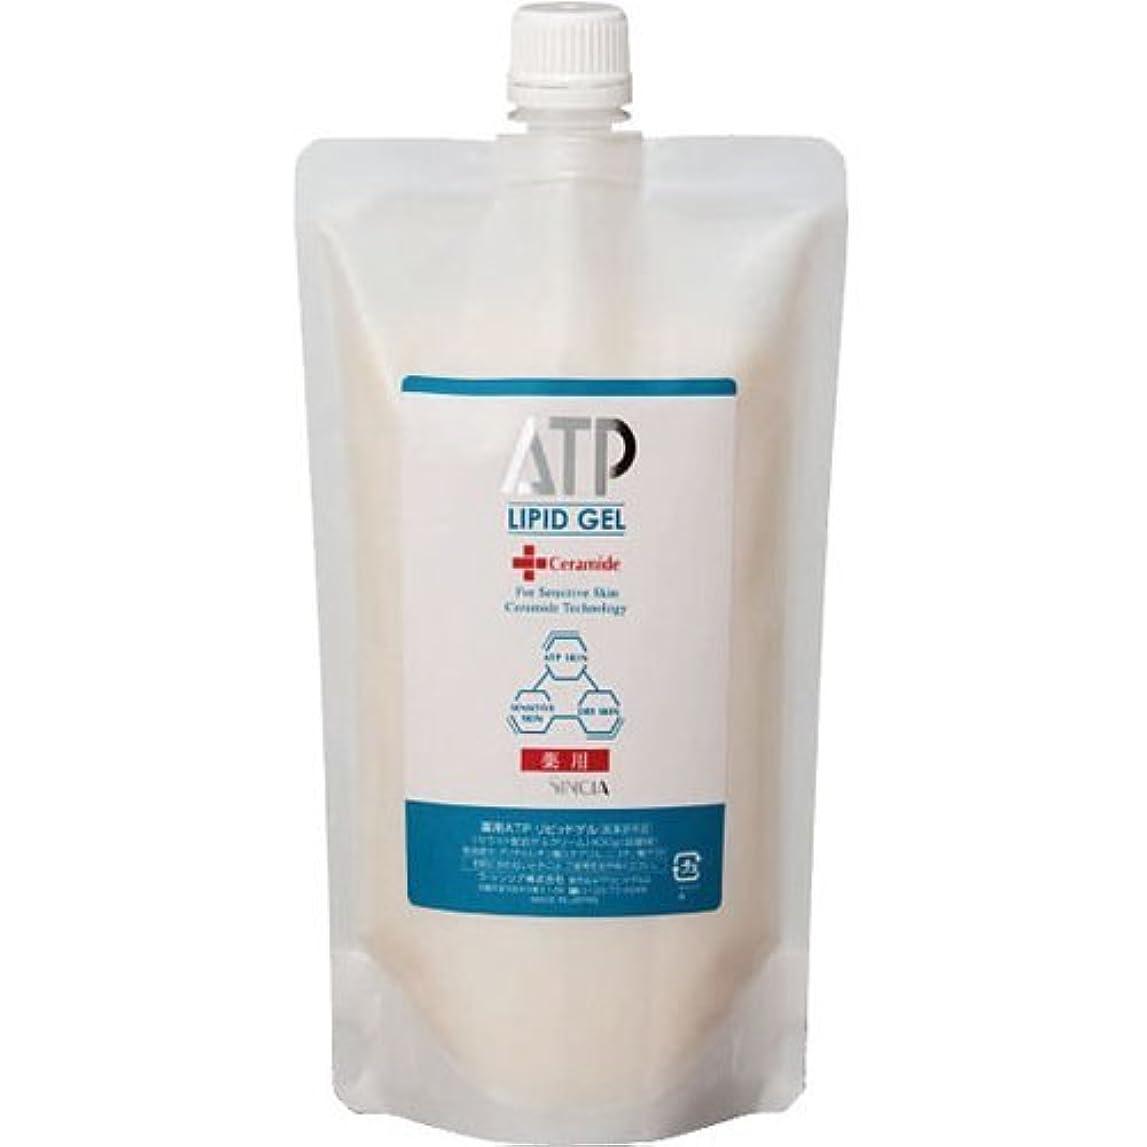 子豚ふくろう教室ラシンシア 薬用ATPリピッドゲル 400g(詰替用) 【セラミド配合ゲルクリーム】